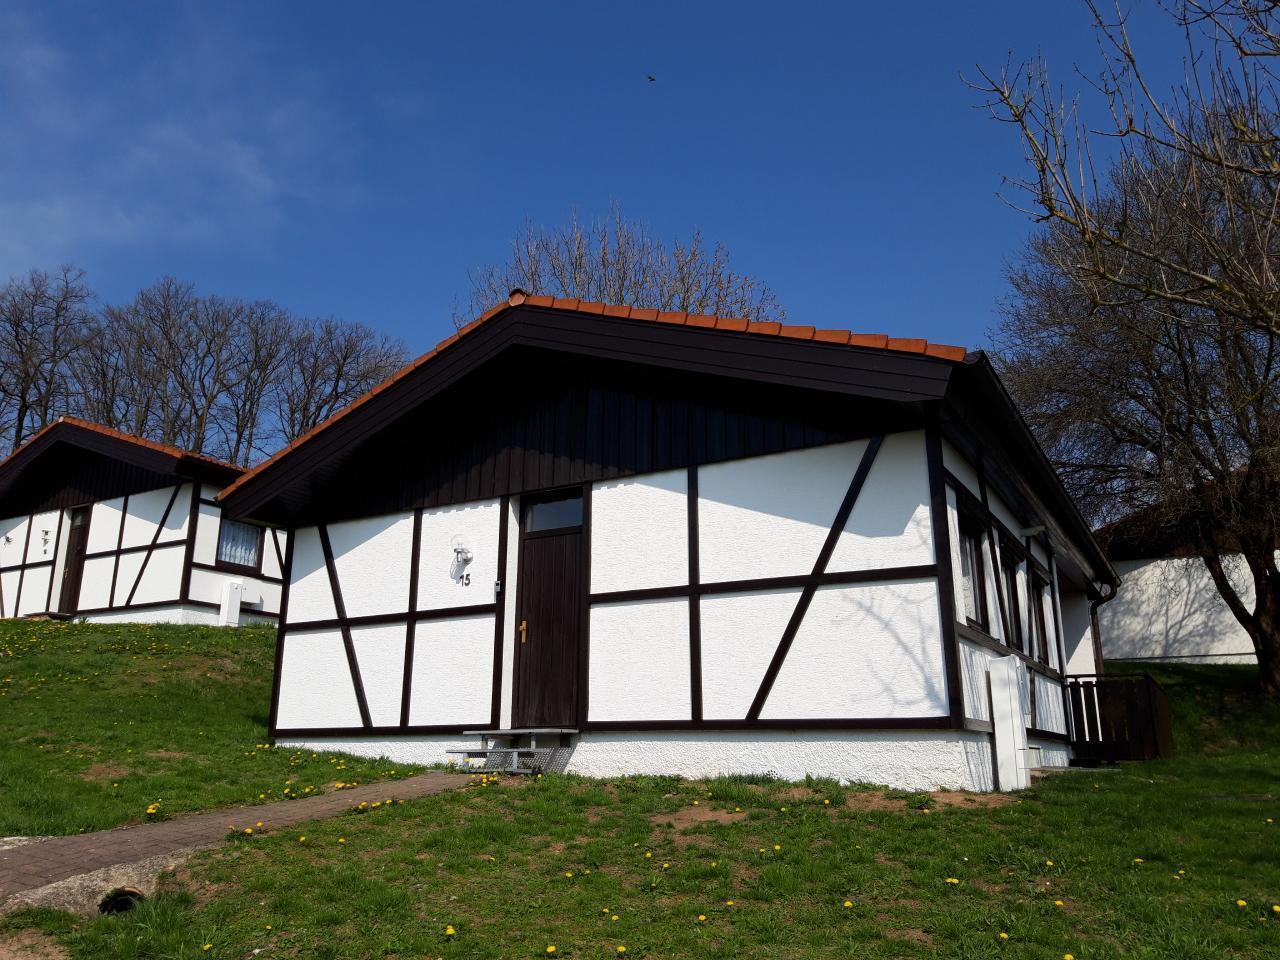 Ferienhaus / Bungalow 15 neu renoviert für 4-   Rhön Spessart